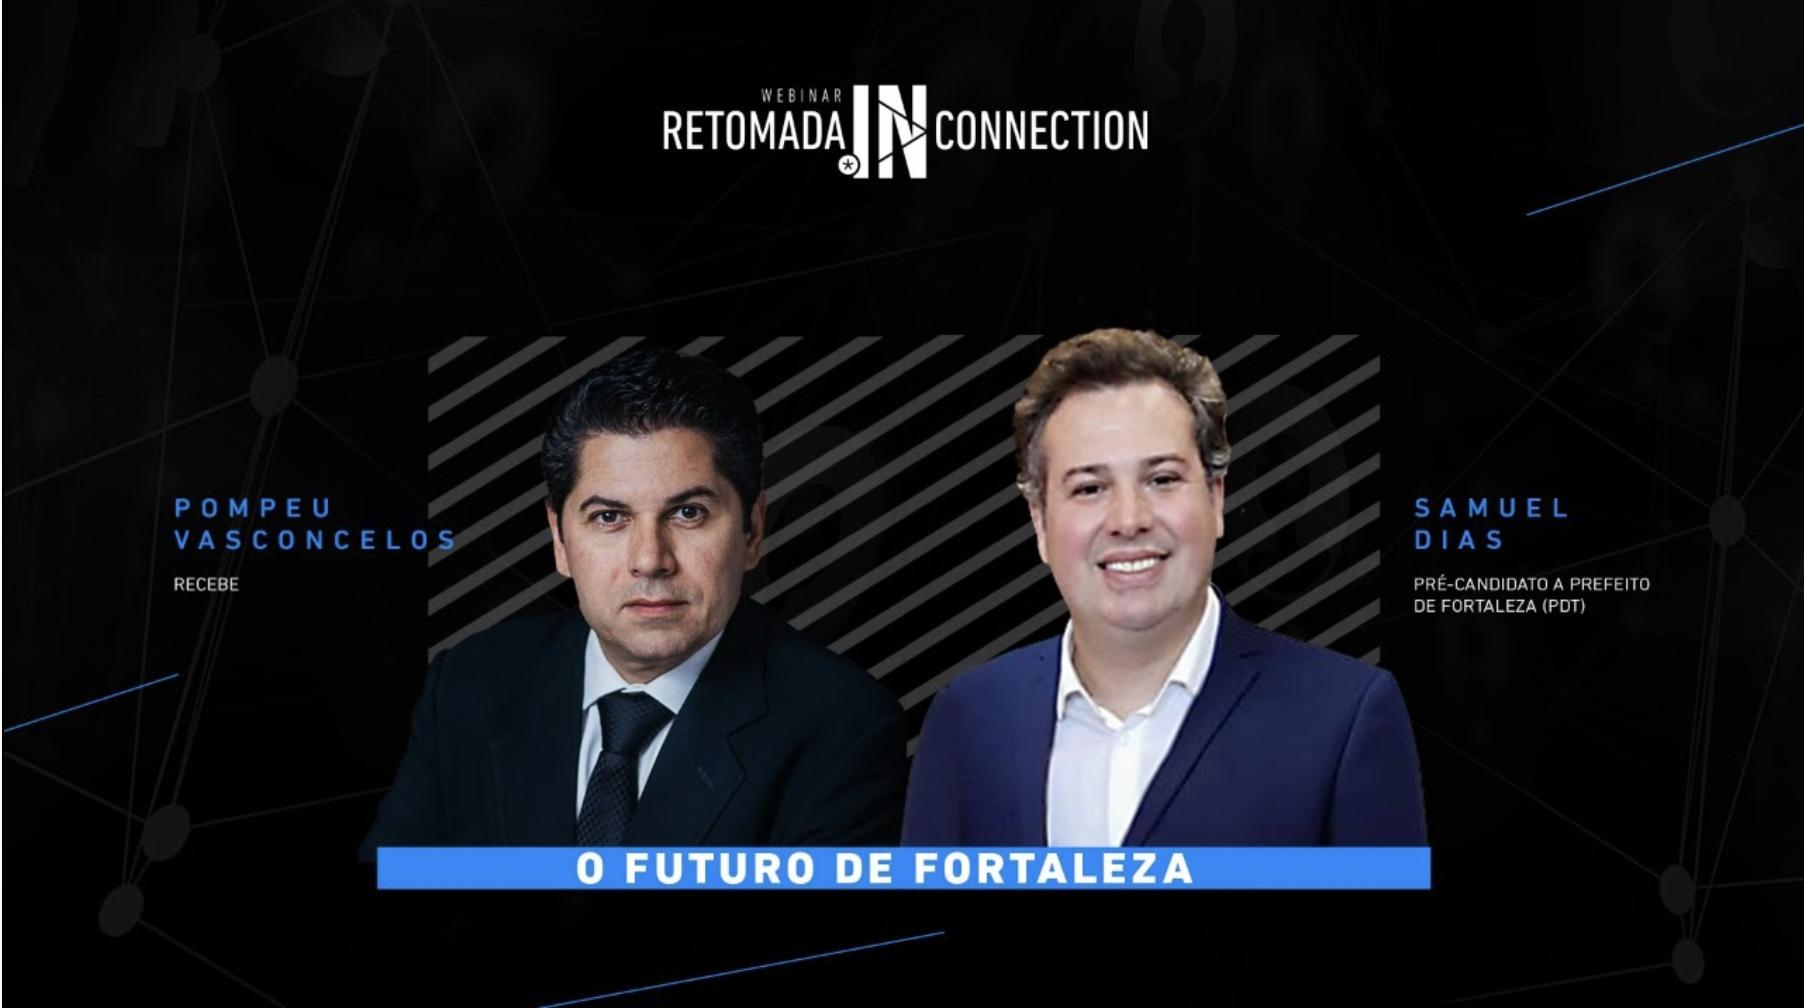 Samuel Dias falará de seu plano de governo para Fortaleza em Live, hoje, com Pompeu Vasconcelos